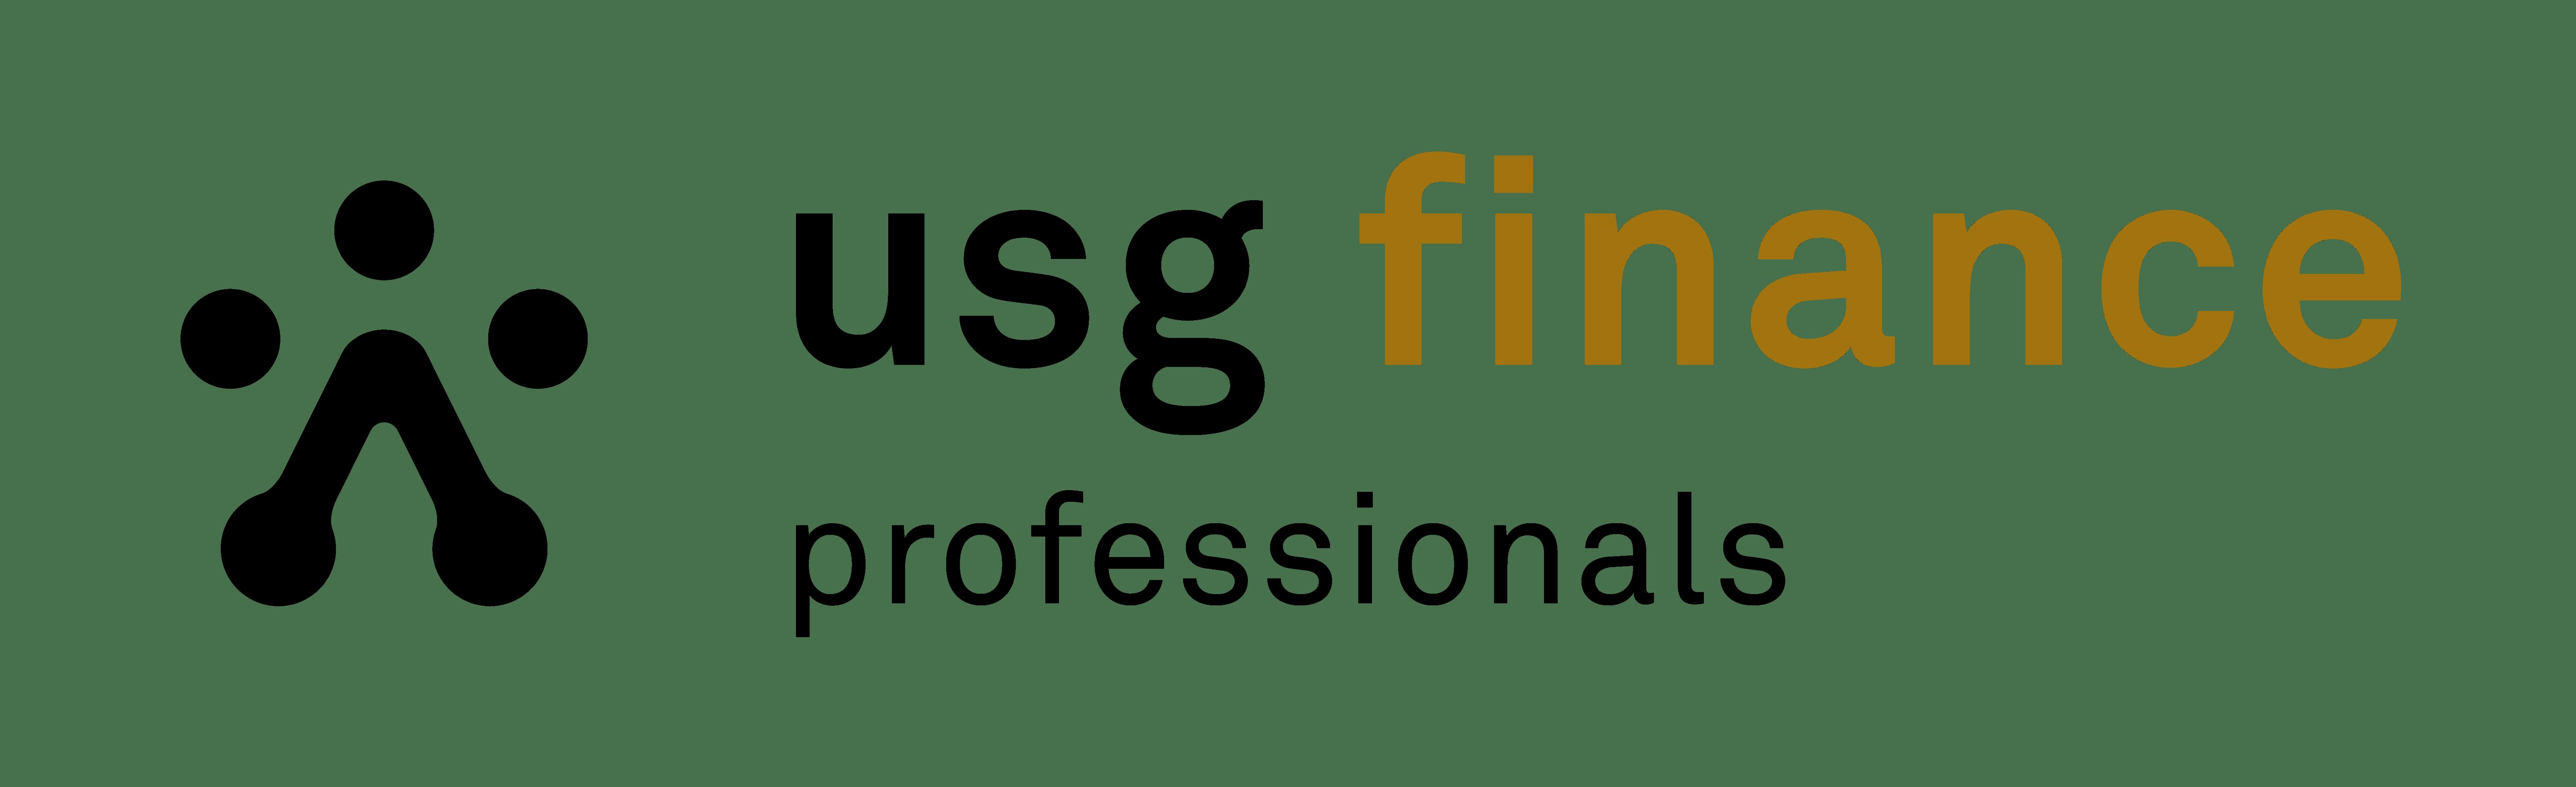 USG Finance Professionals